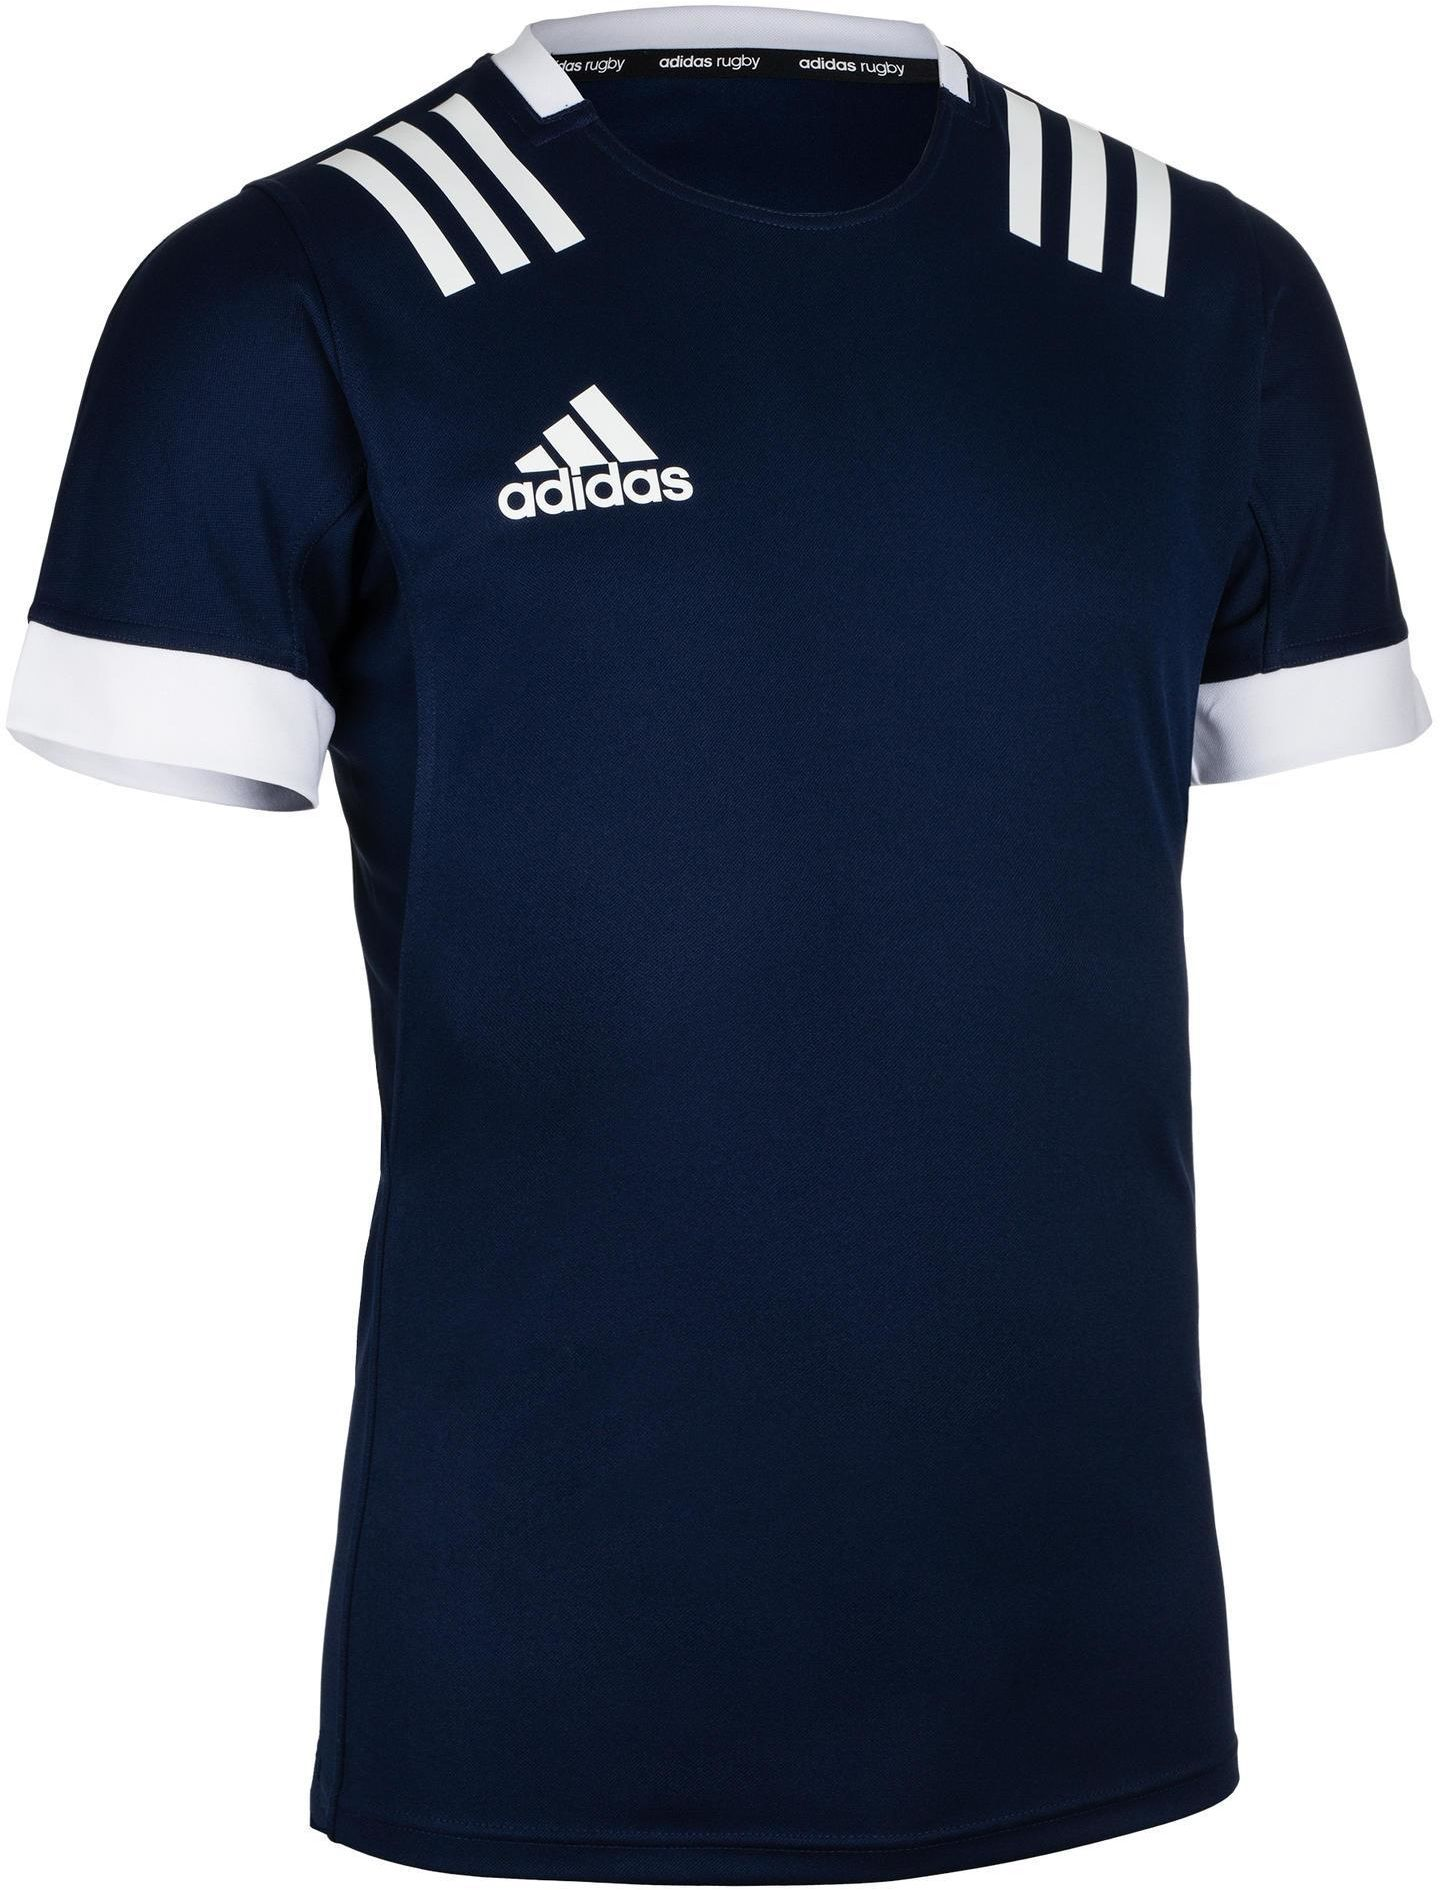 Koszulka do rugby 3S męska